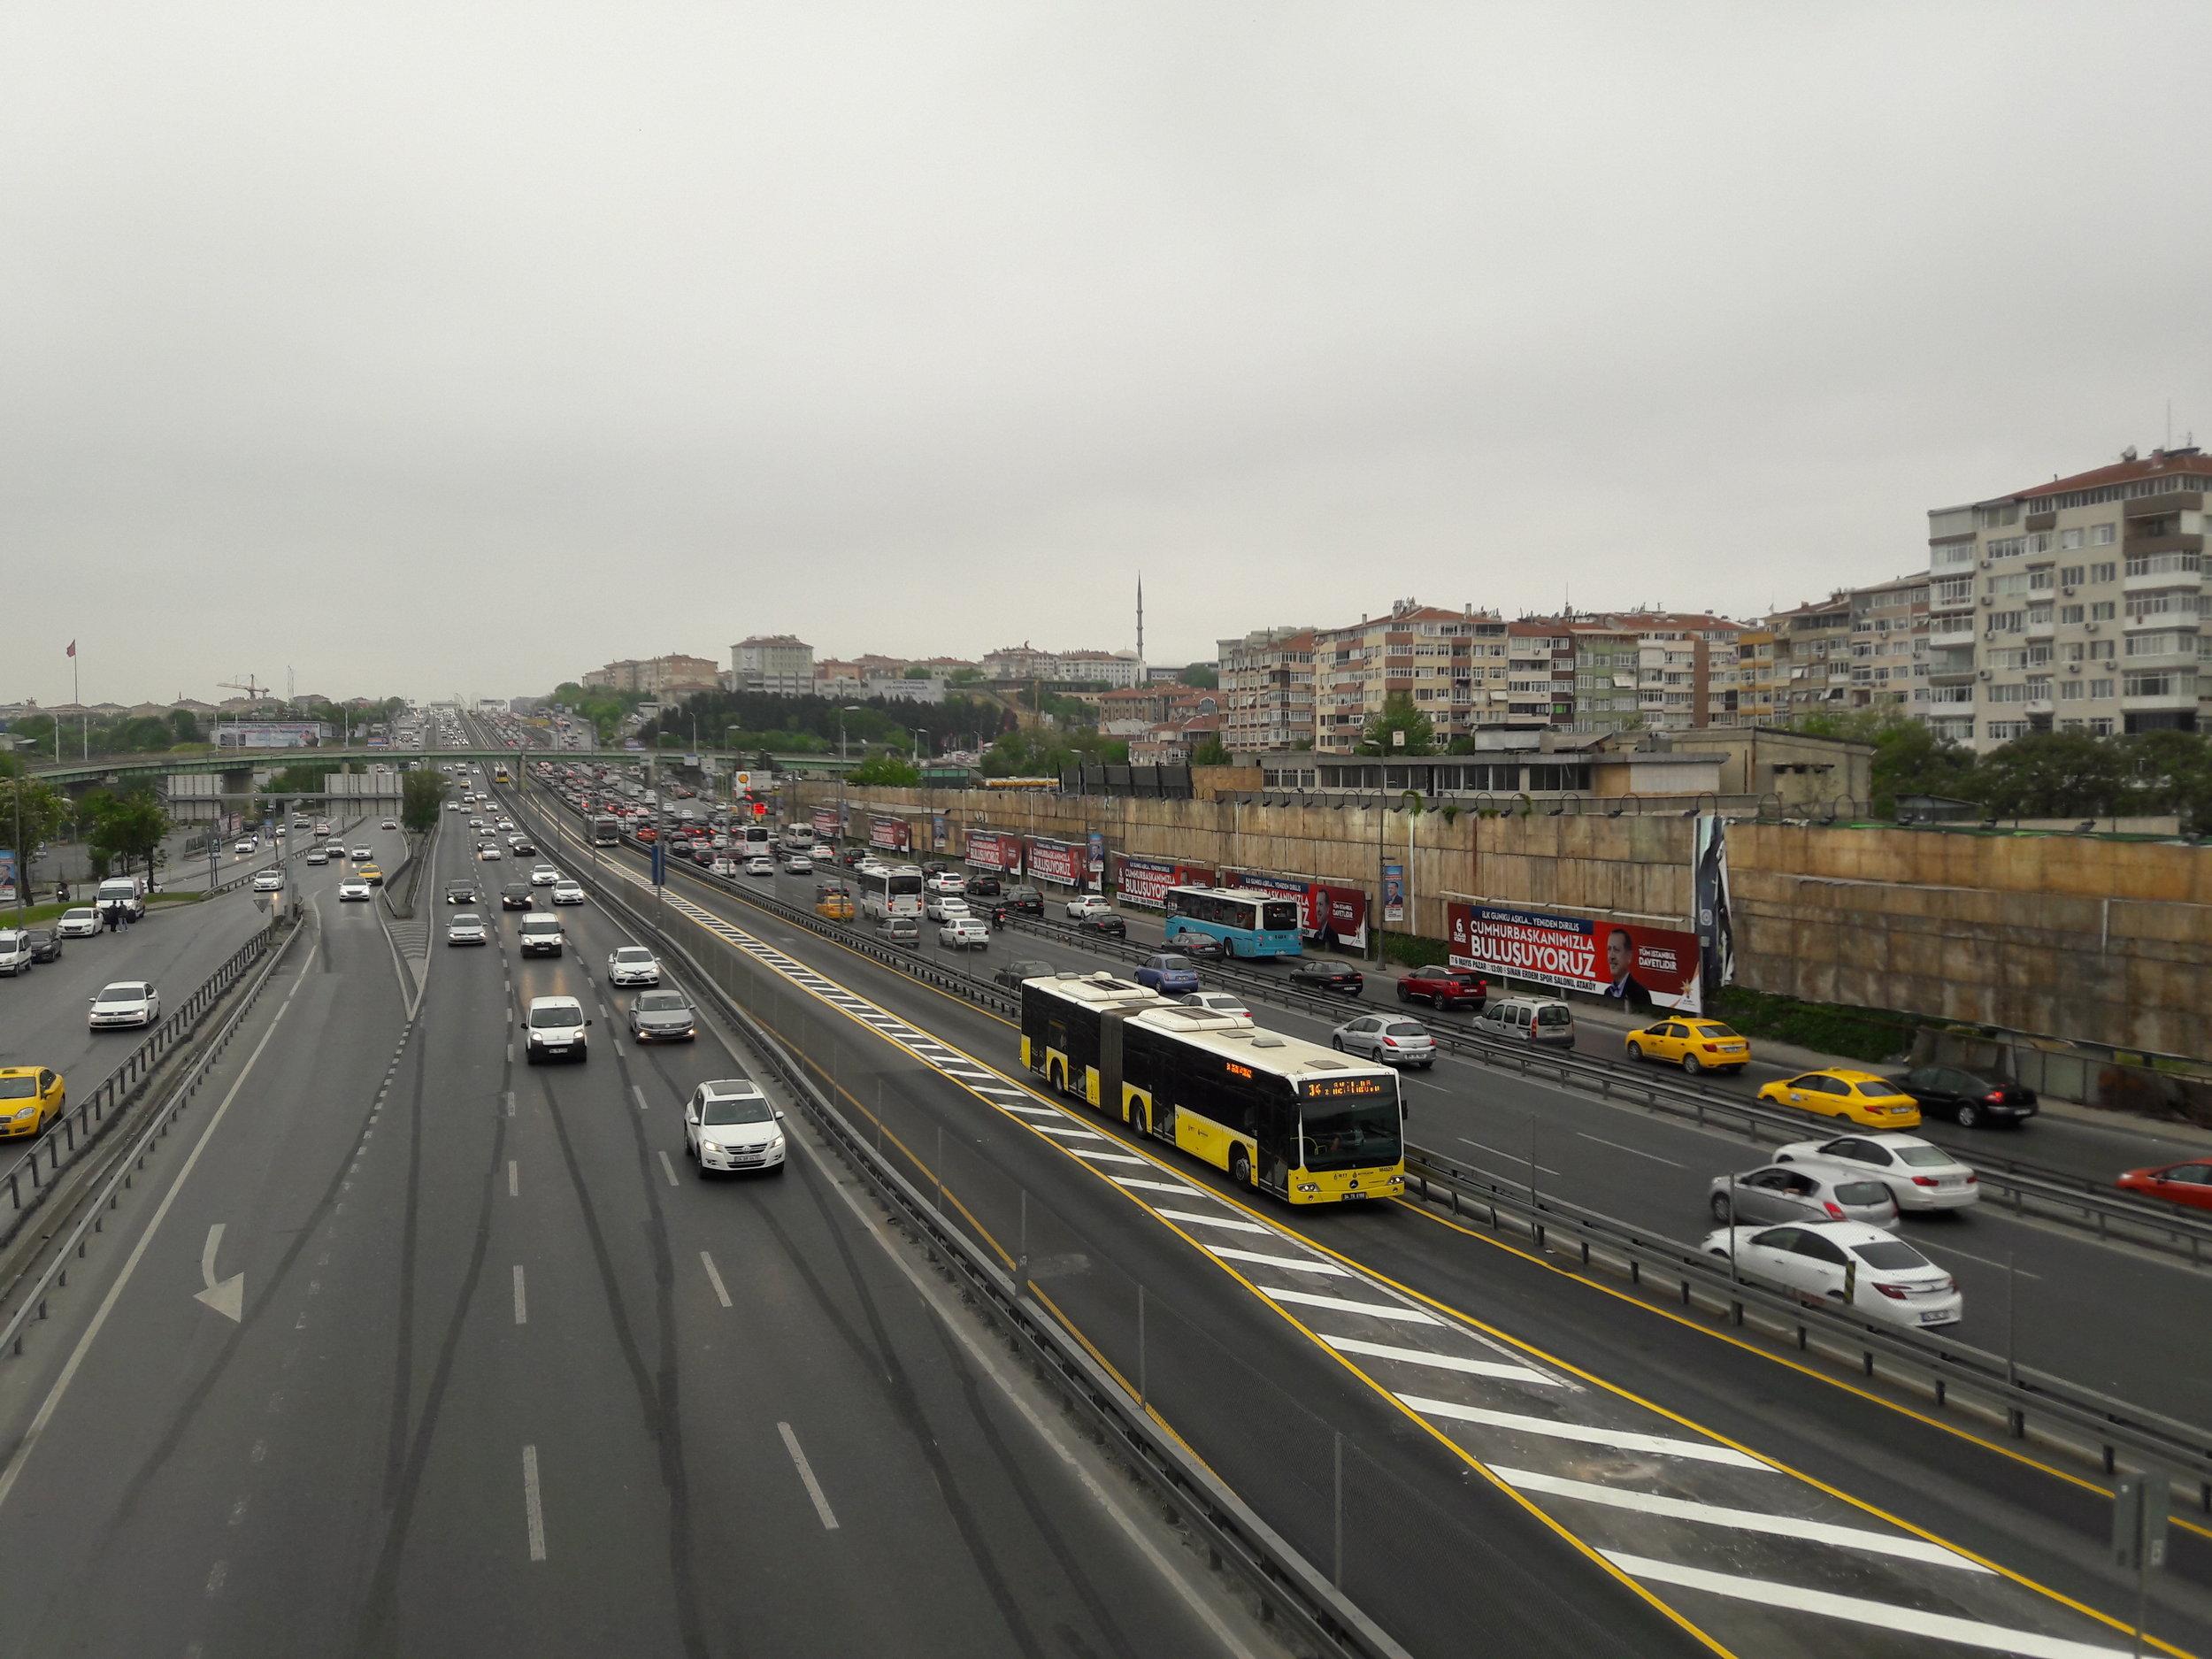 Istanbulská BRT linka by byla na elektrickou trakci zralá, nicméně dráty už asi nezvítězí. (foto: Vít Hinčica)